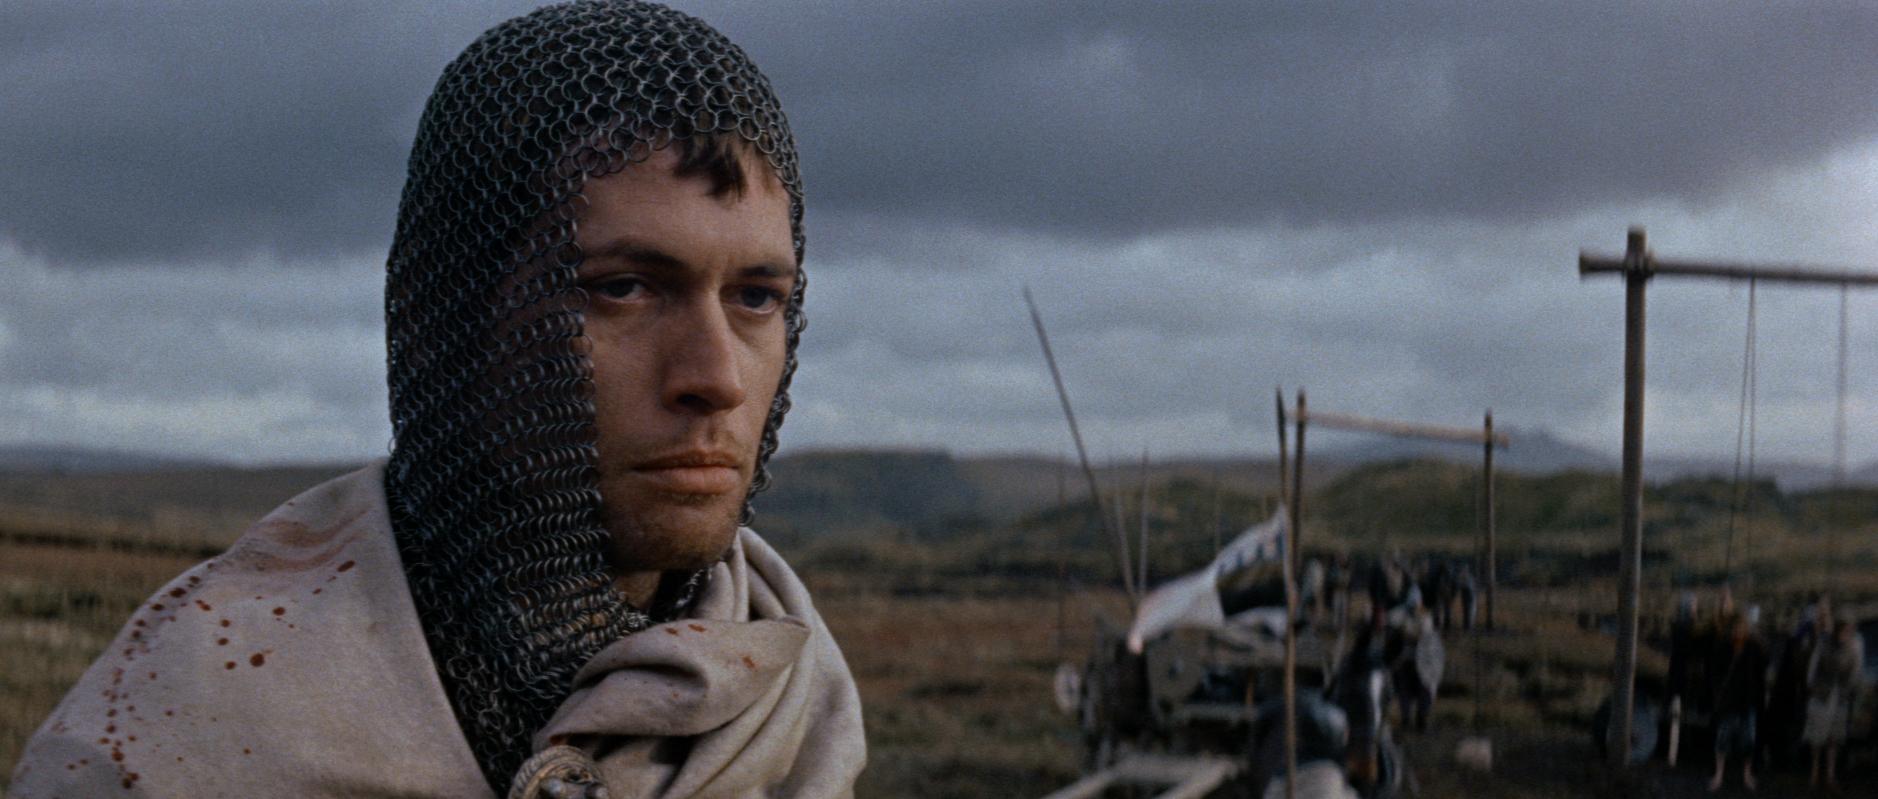 Film still from Polanski's  Macbeth